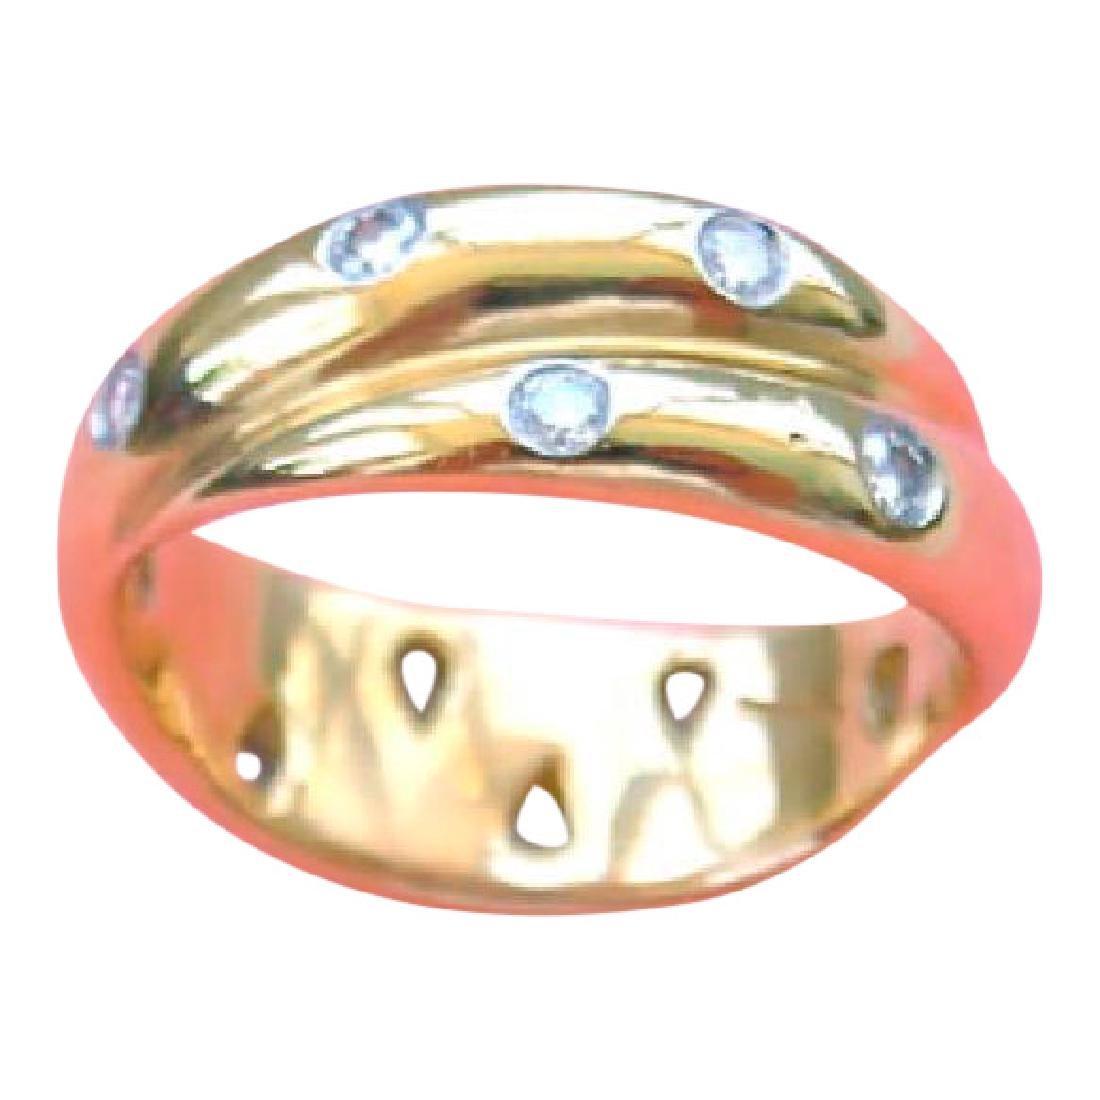 Tiffany Diamond Rolling Interlocking Trinity Band Ring